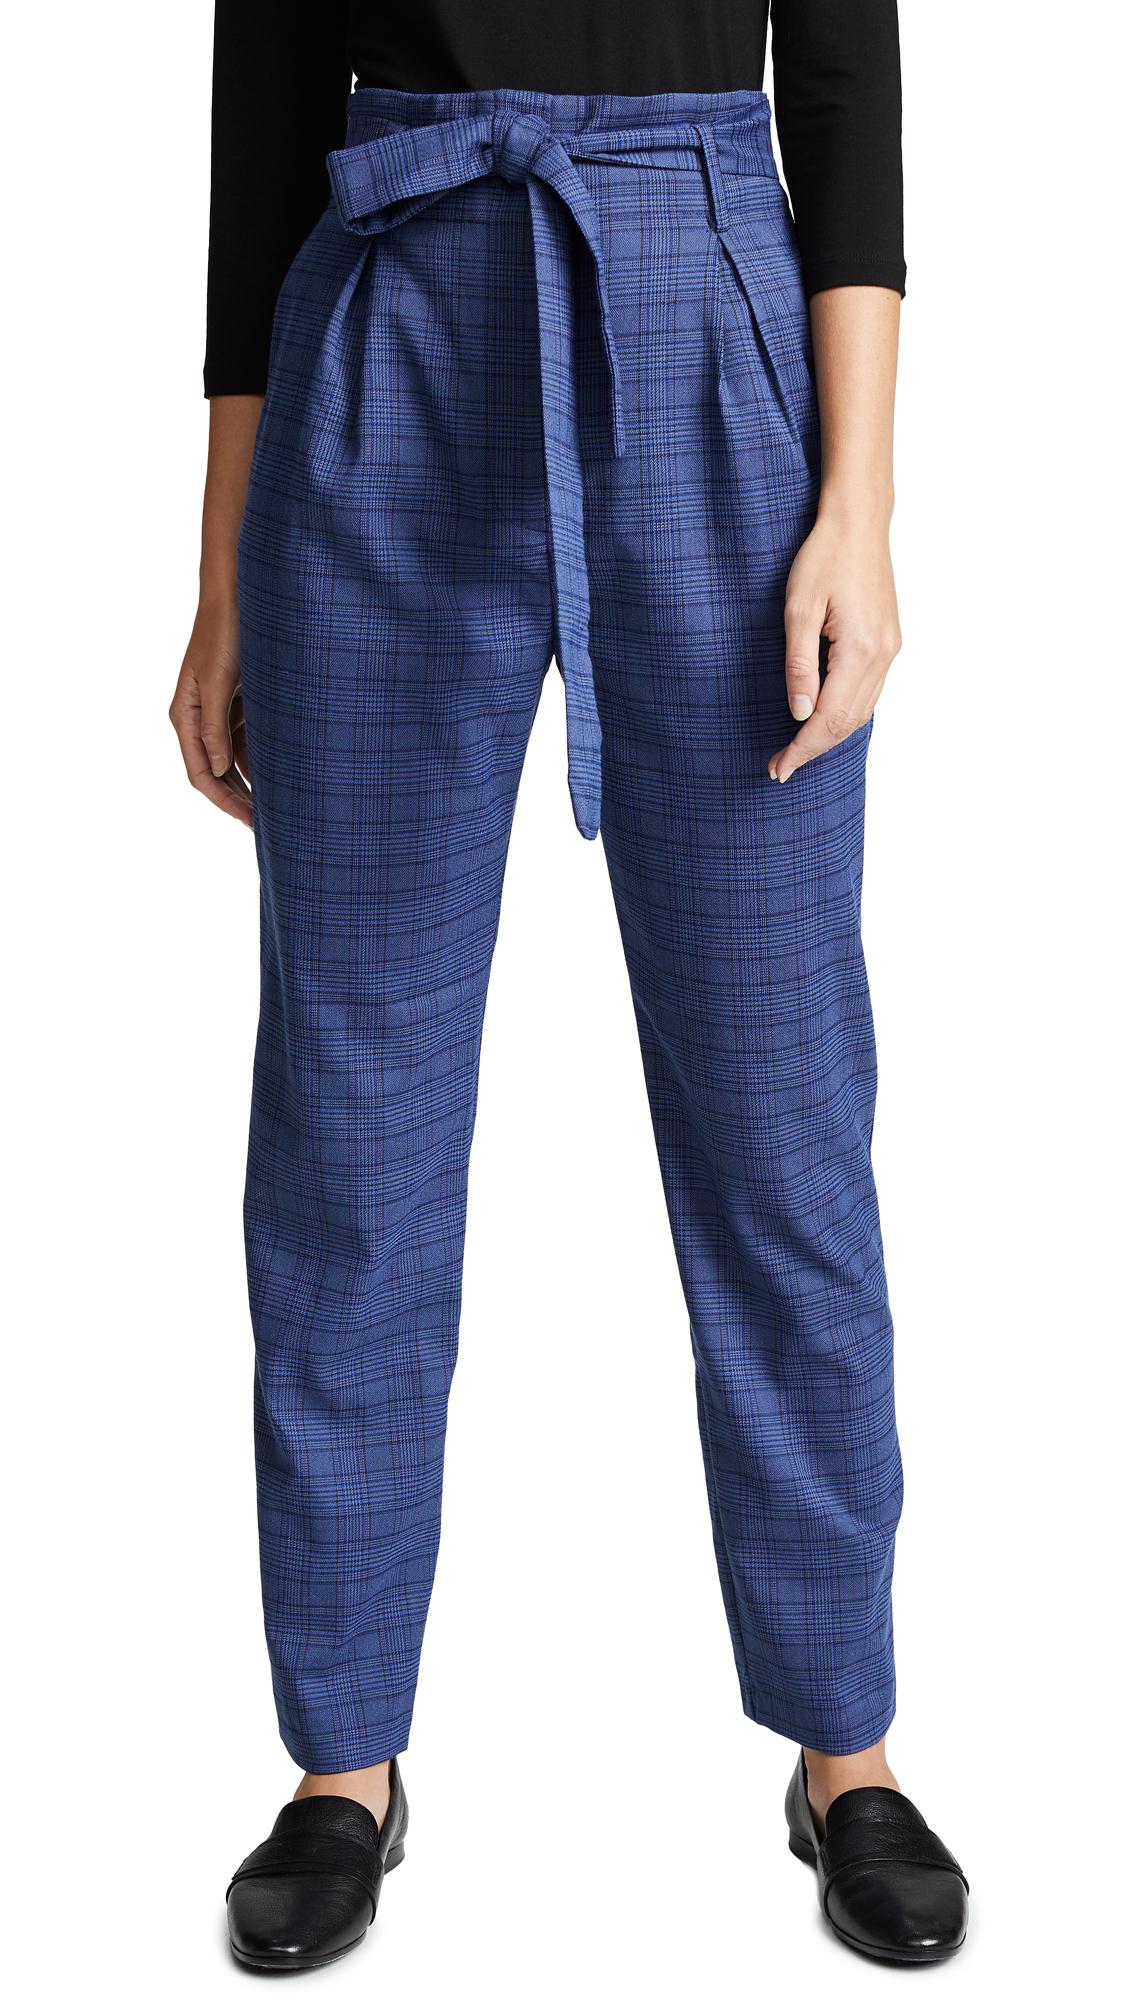 WAYF Randell Paperbag Waist Pants - Navy Tweed